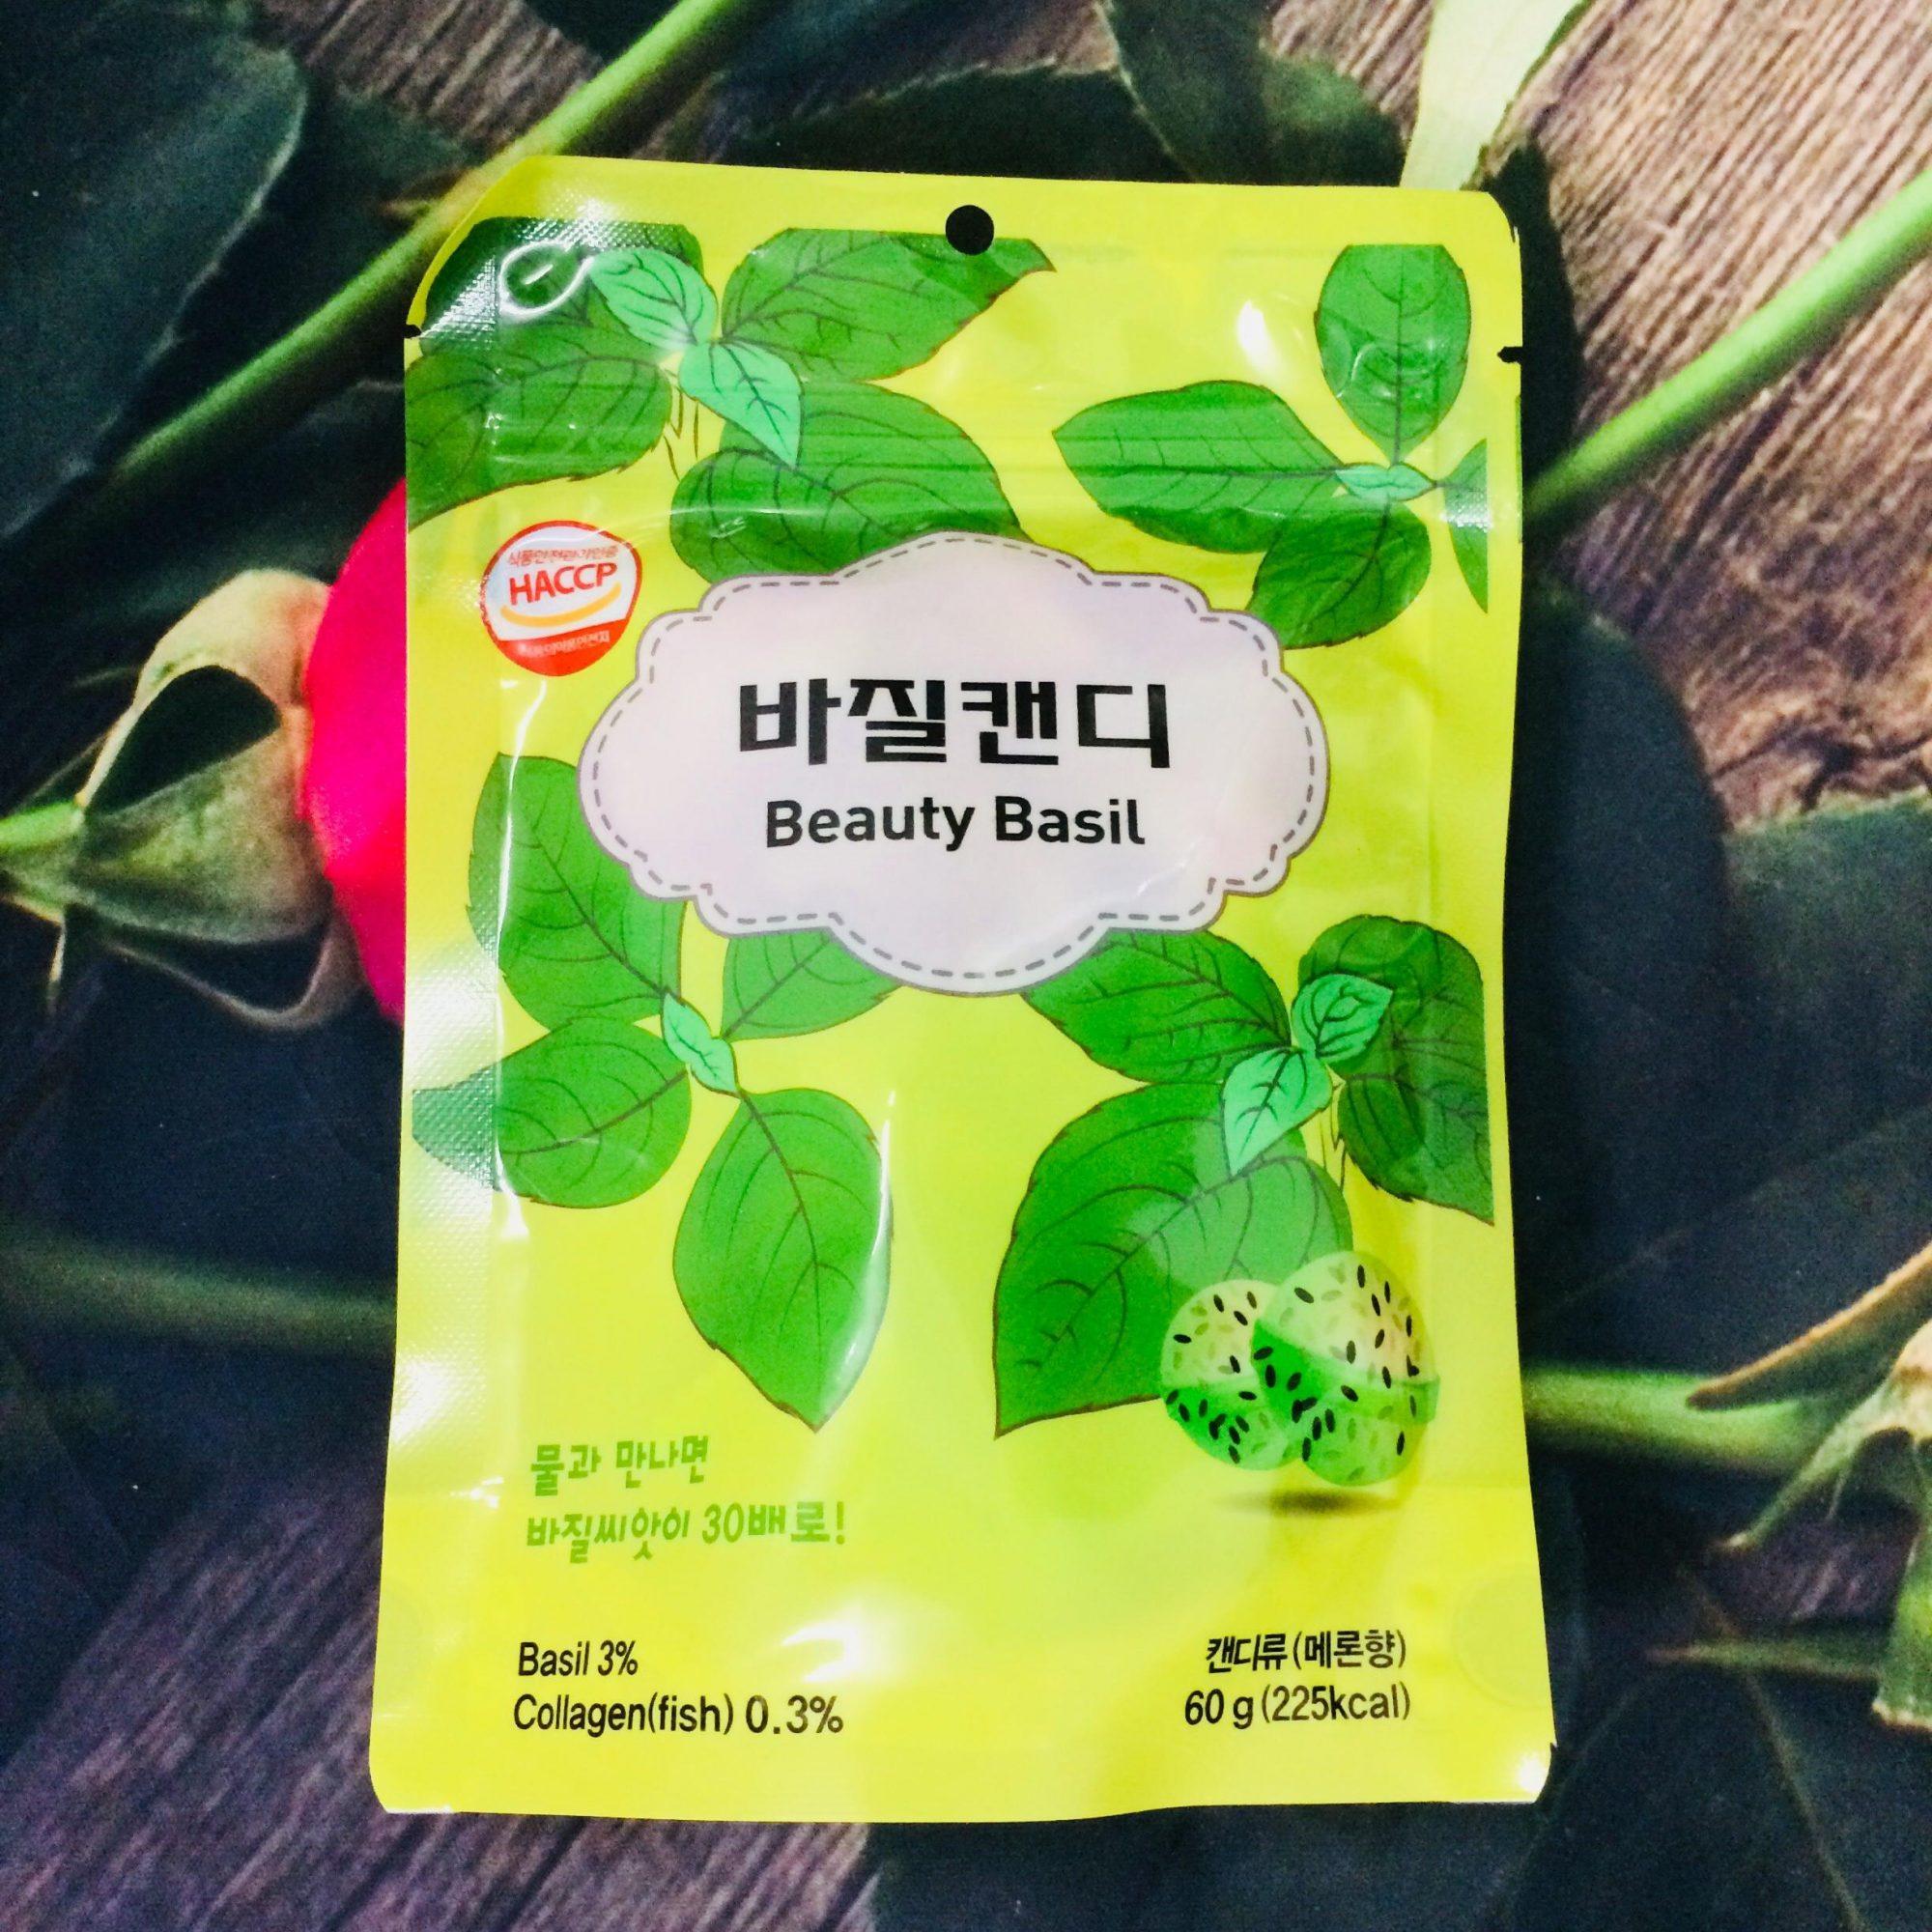 Kẹo giảm cân Beauty Basil Hàn Quốc có tốt không, giá bao nhiêu, mua ở đâu, review, webtretho, có giảm cân không, có hiệu quả không, đẹp da